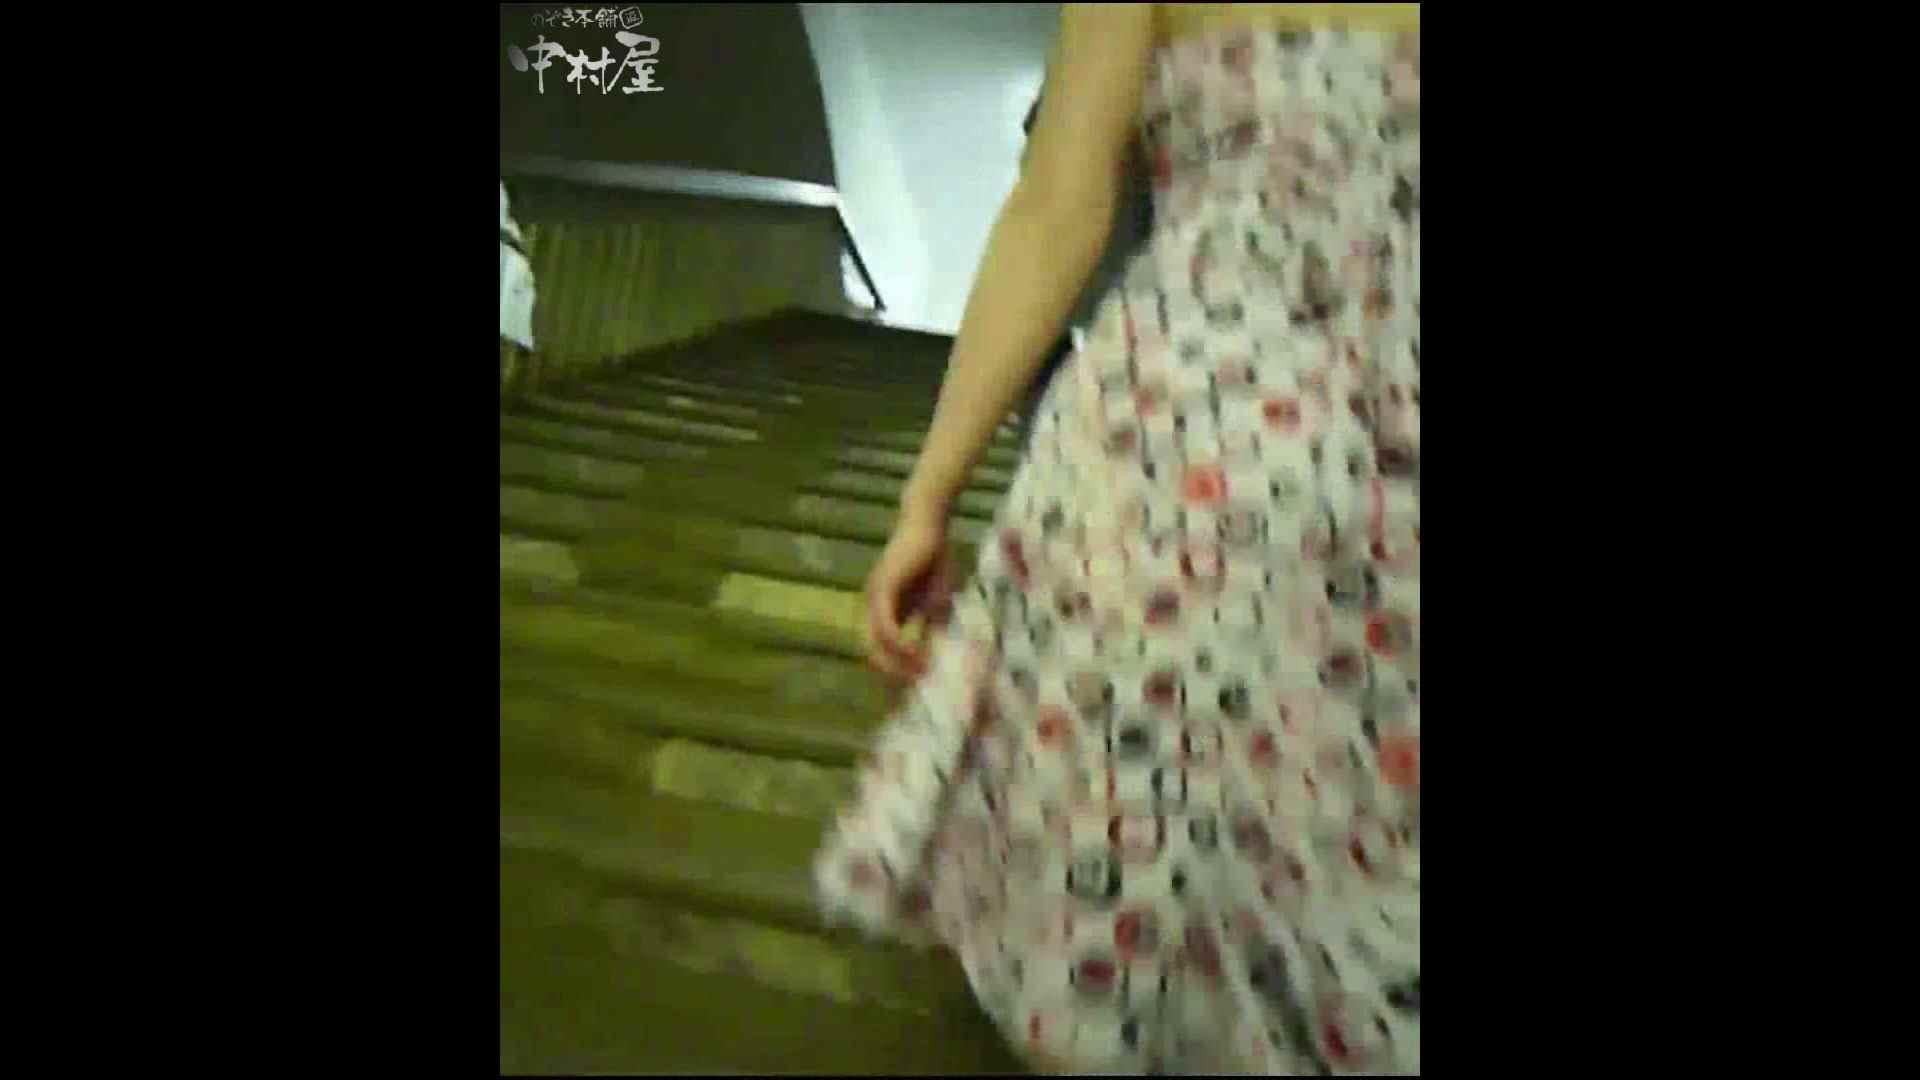 綺麗なモデルさんのスカート捲っちゃおう‼ vol25 お姉さん | OLすけべ画像  62連発 4